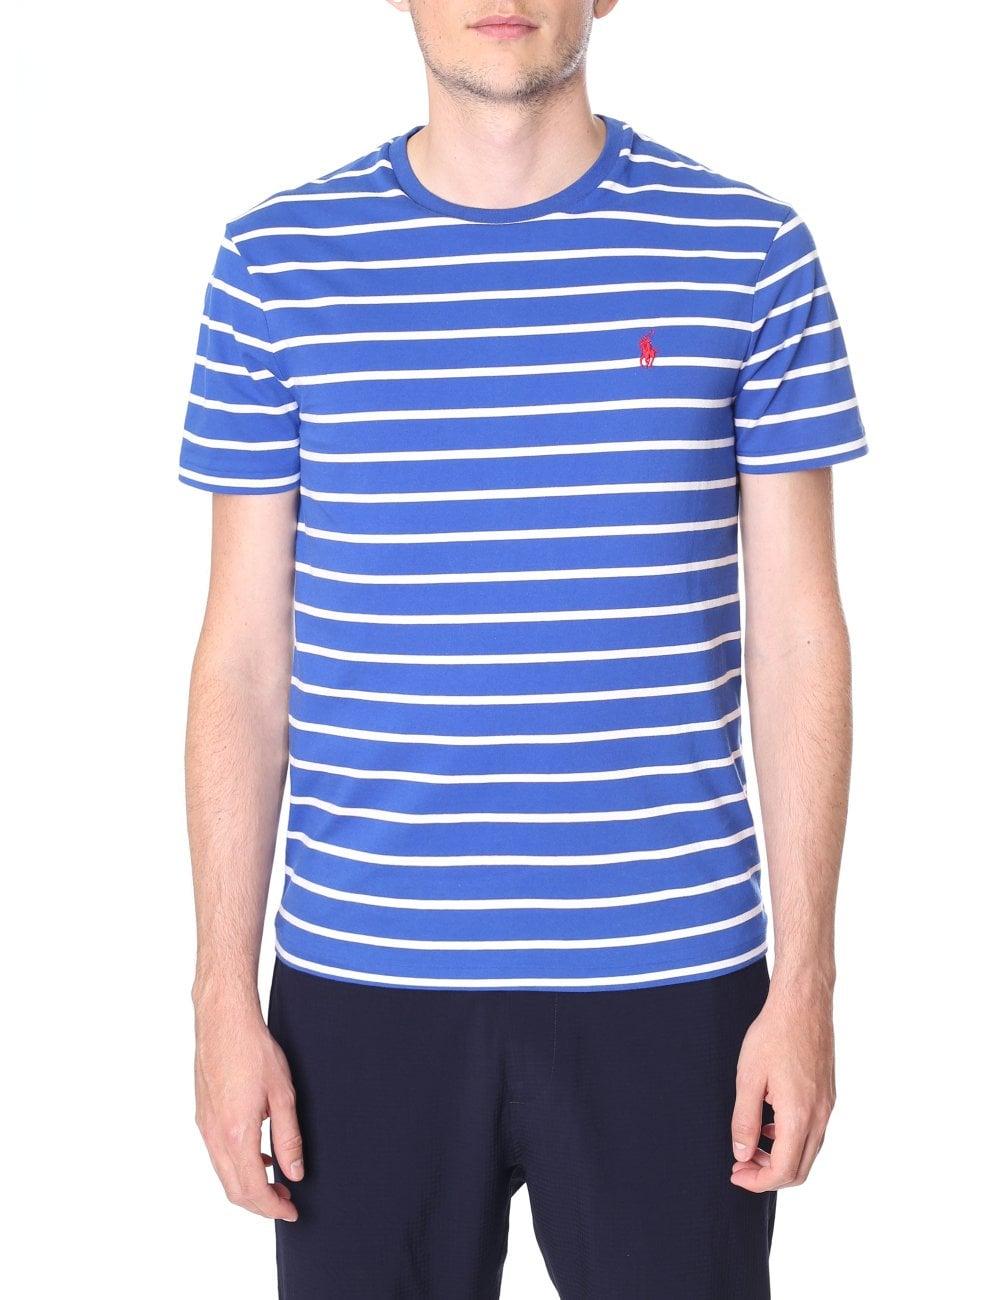 71d1d118 Polo Ralph Lauren Men's Custom Slim Fit Crew Neck Short Sleeve Tee